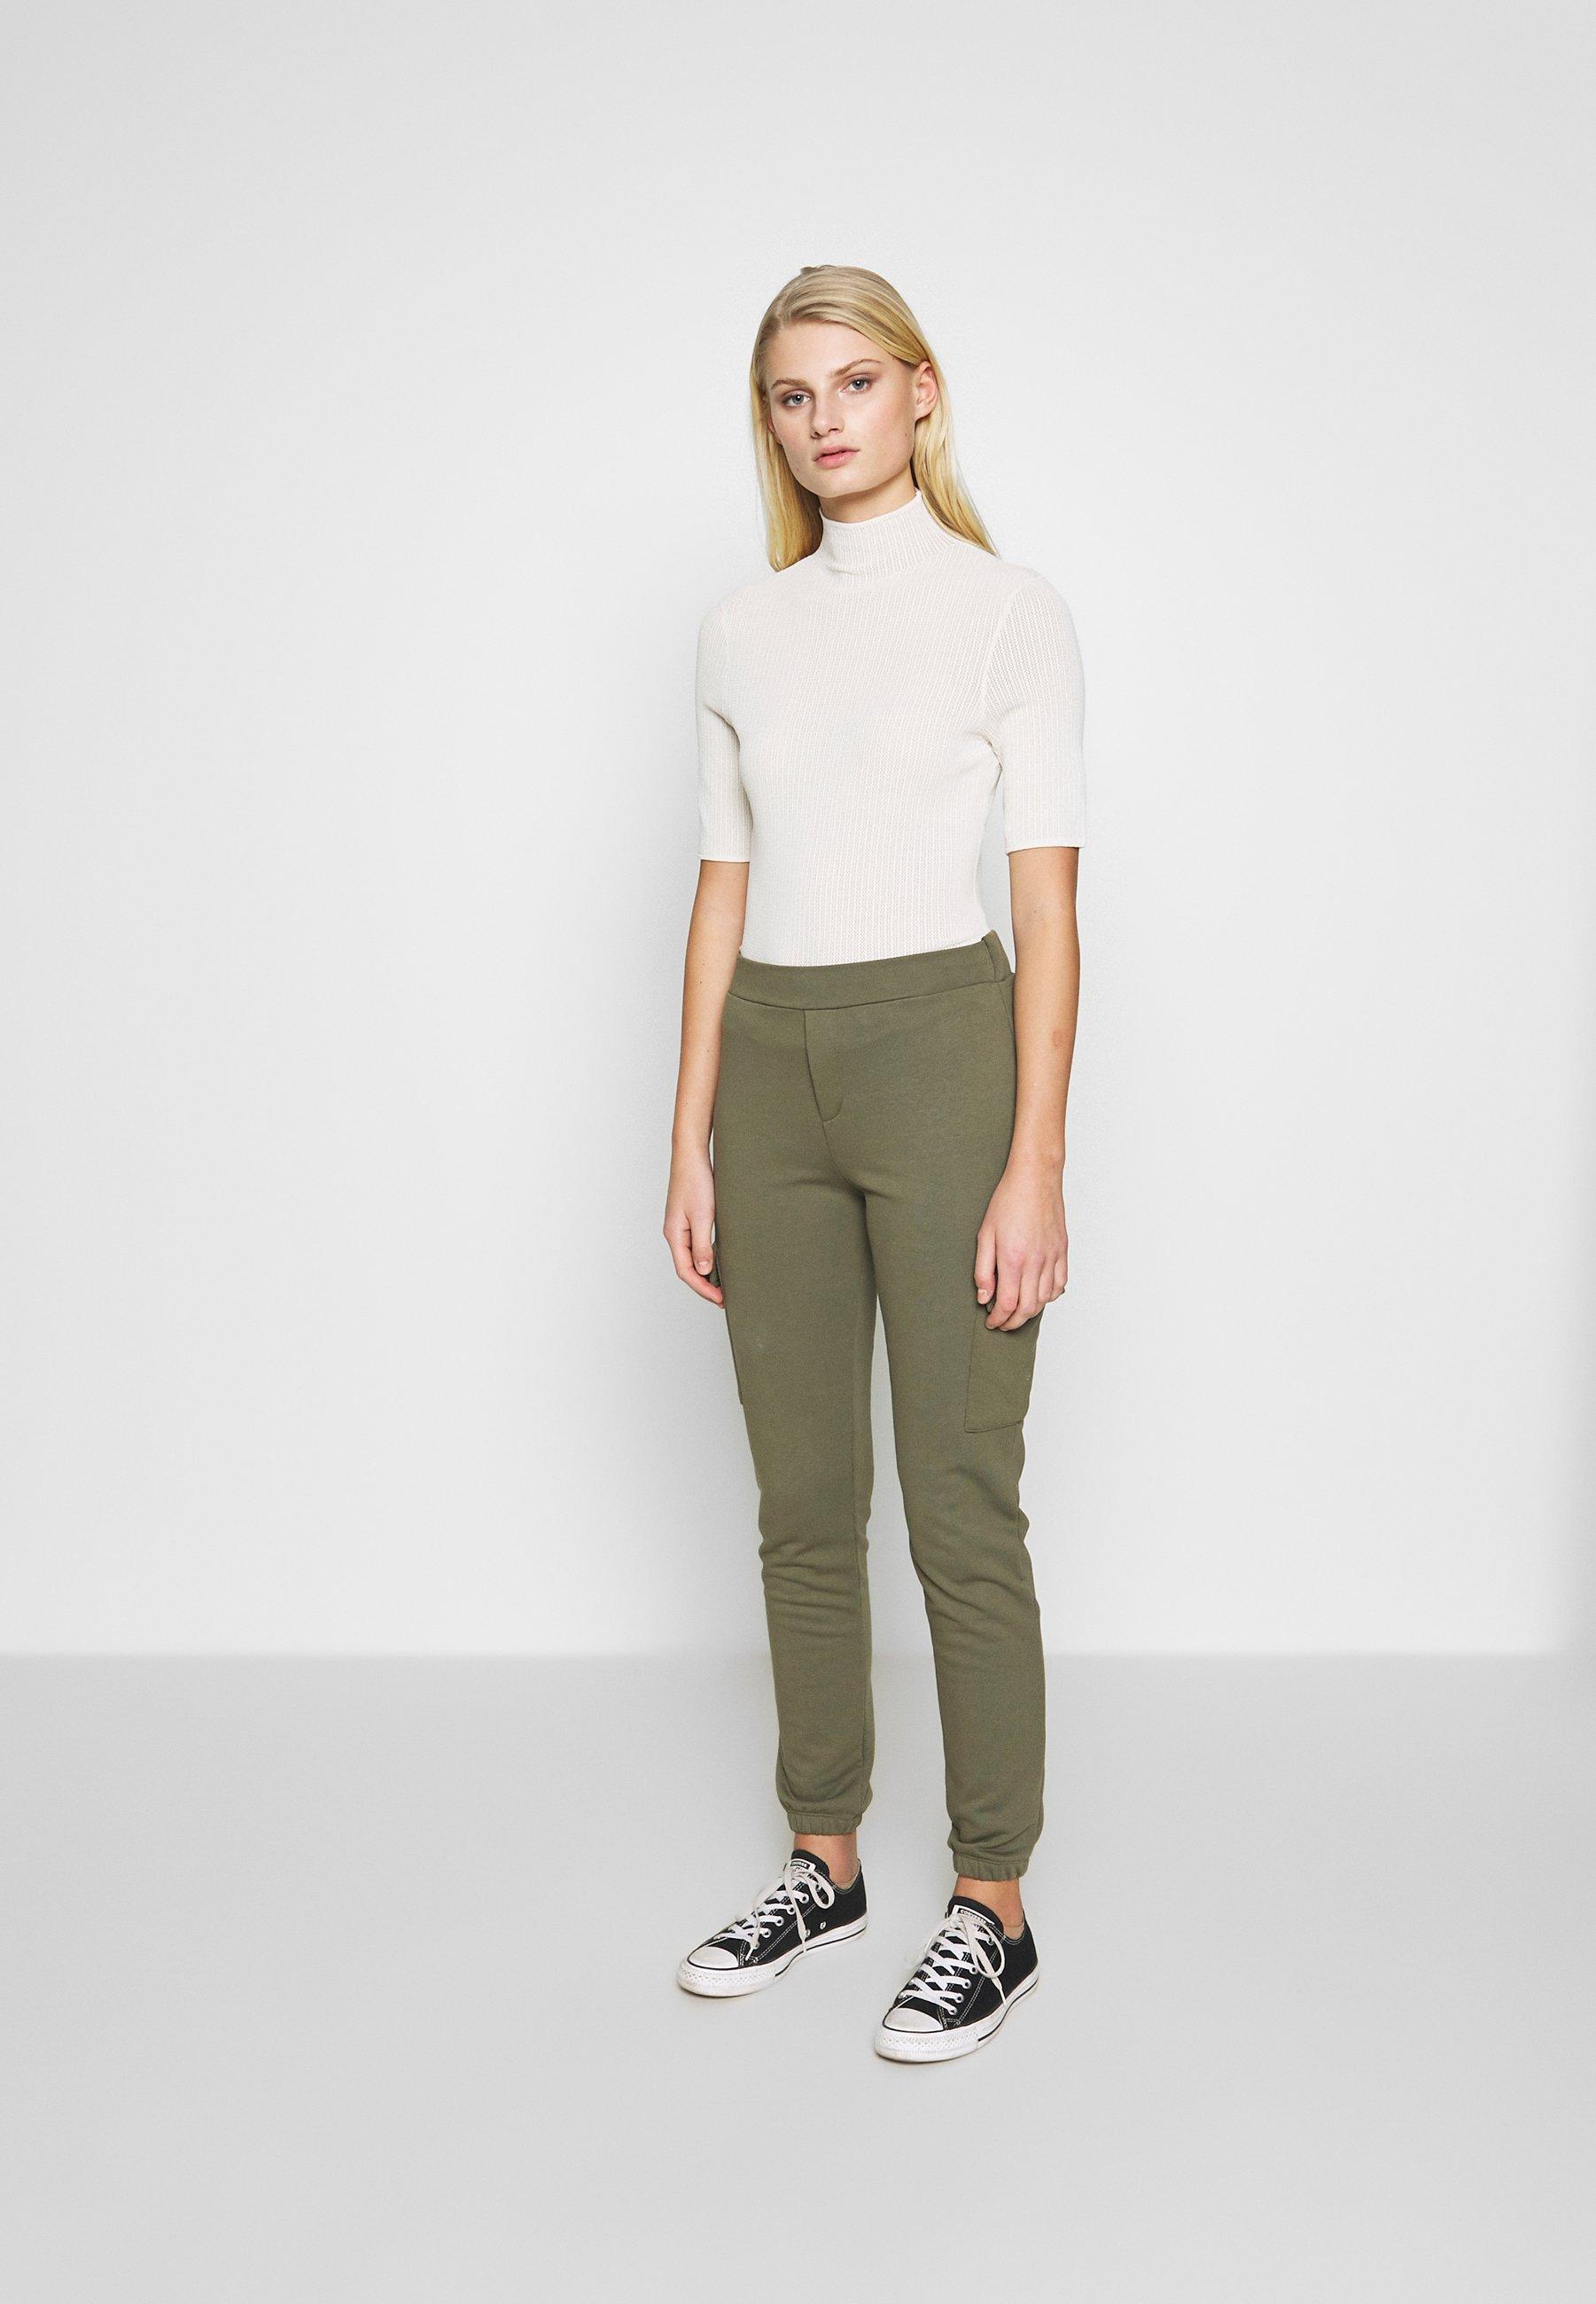 Sams?e Lene - T-shirt Print White Asparagus